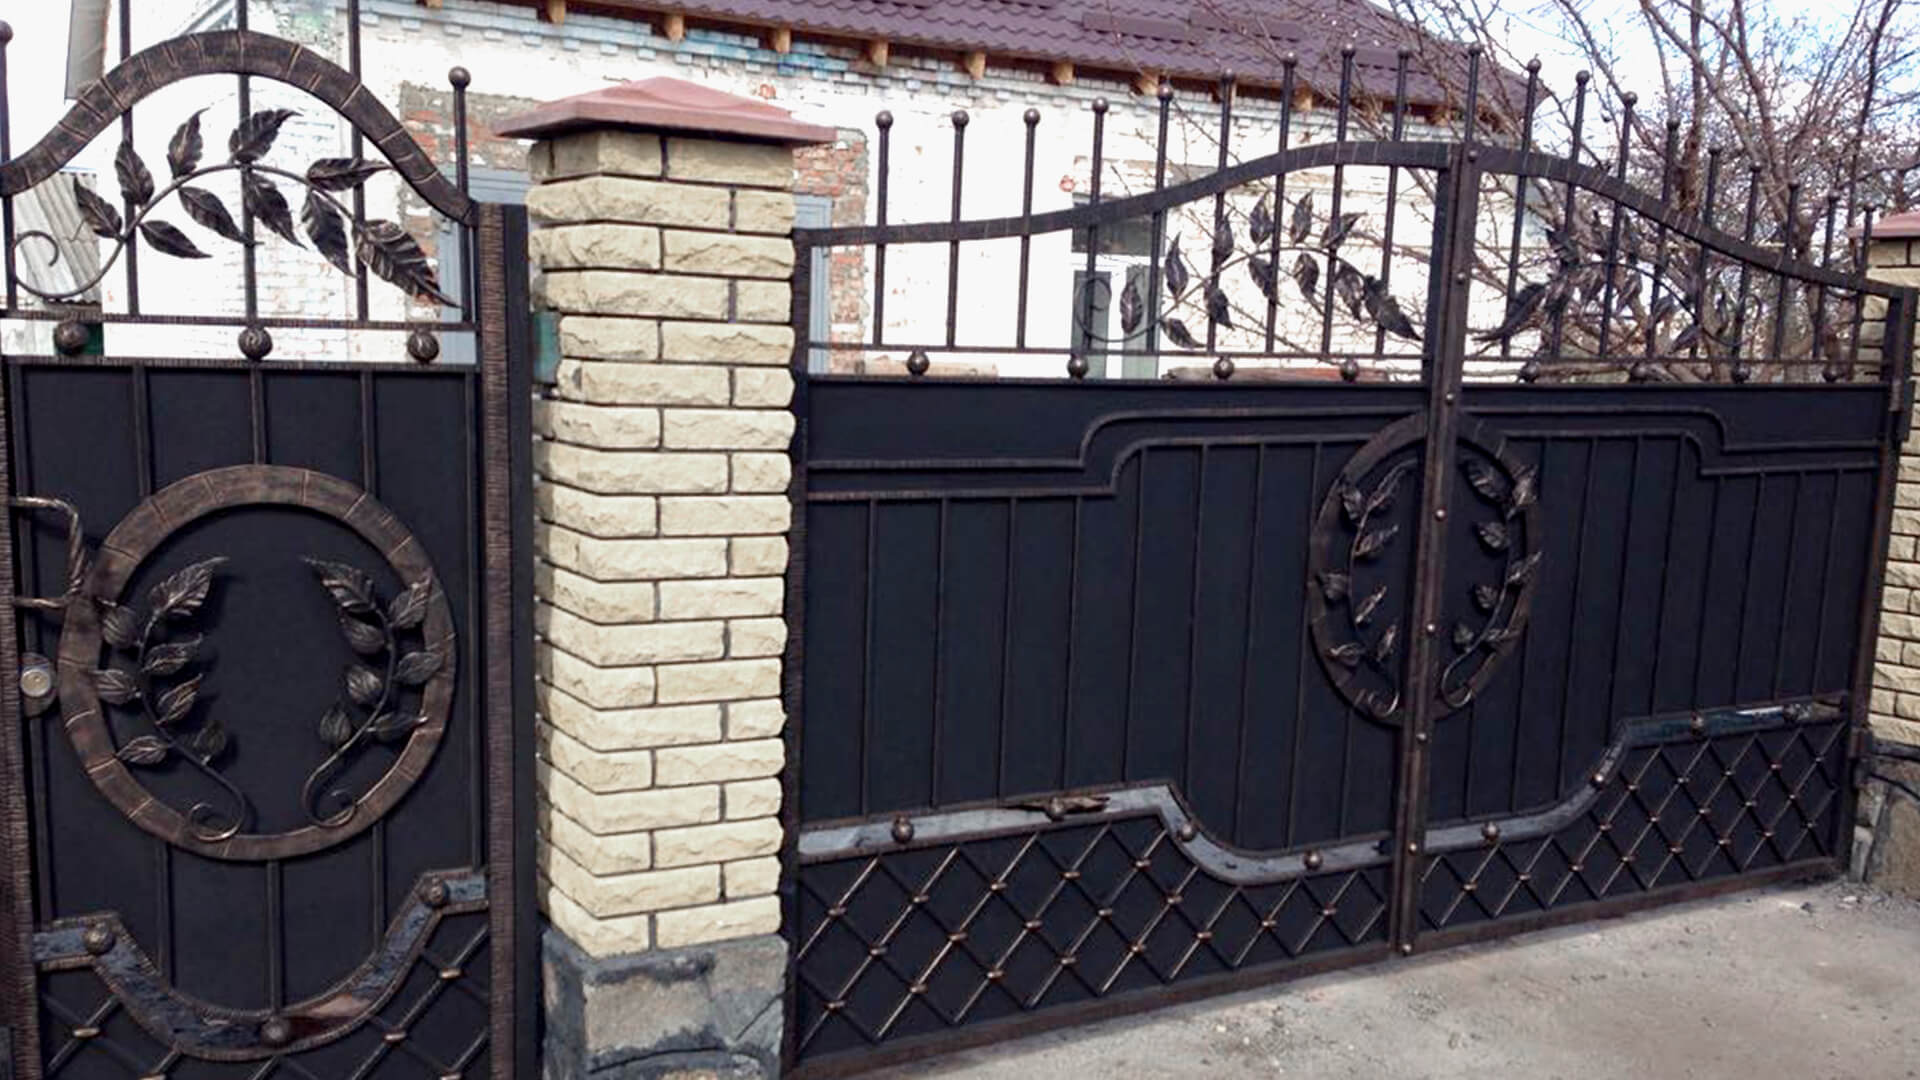 Откатные, распашные - Кованые ворота КВ-2 изготовление, доставка и установка кованых ворот, Киев, Украина